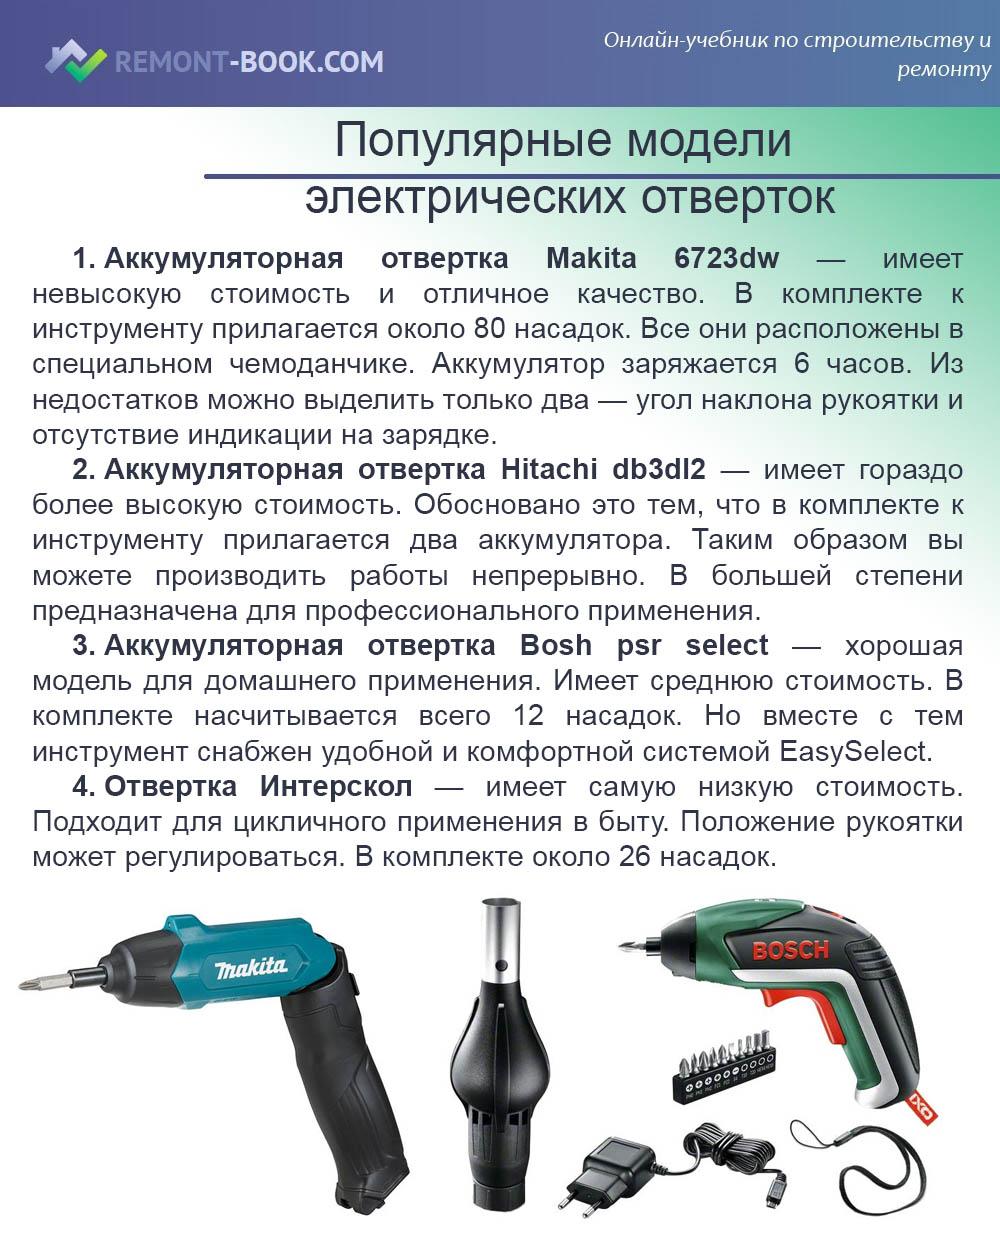 Популярные модели электрических отверток